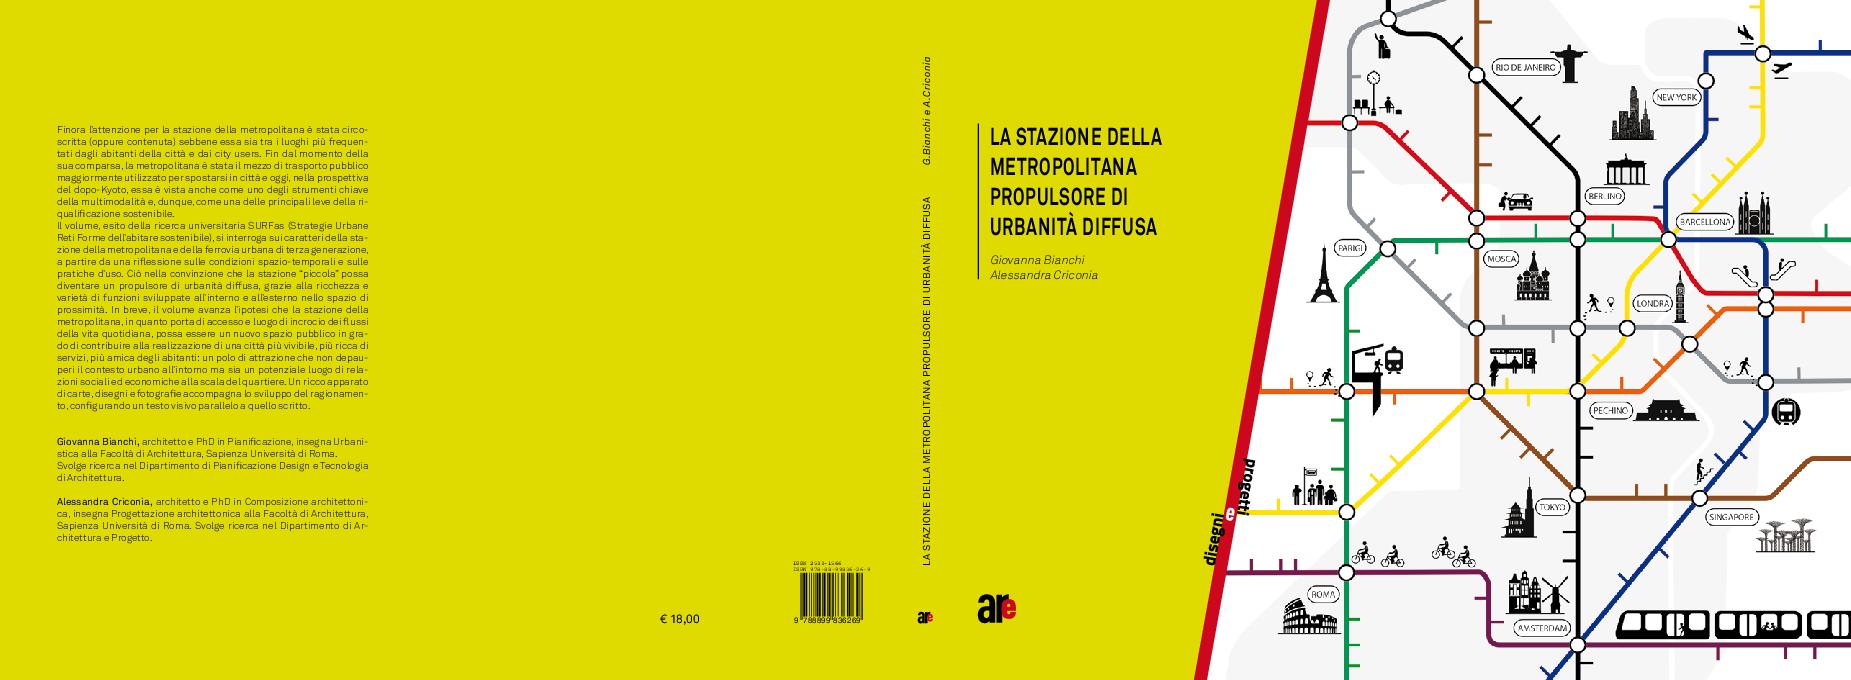 Alessandra Bianchi Architetto pdf) la rete infrastrutturale di roma | deborah navarra